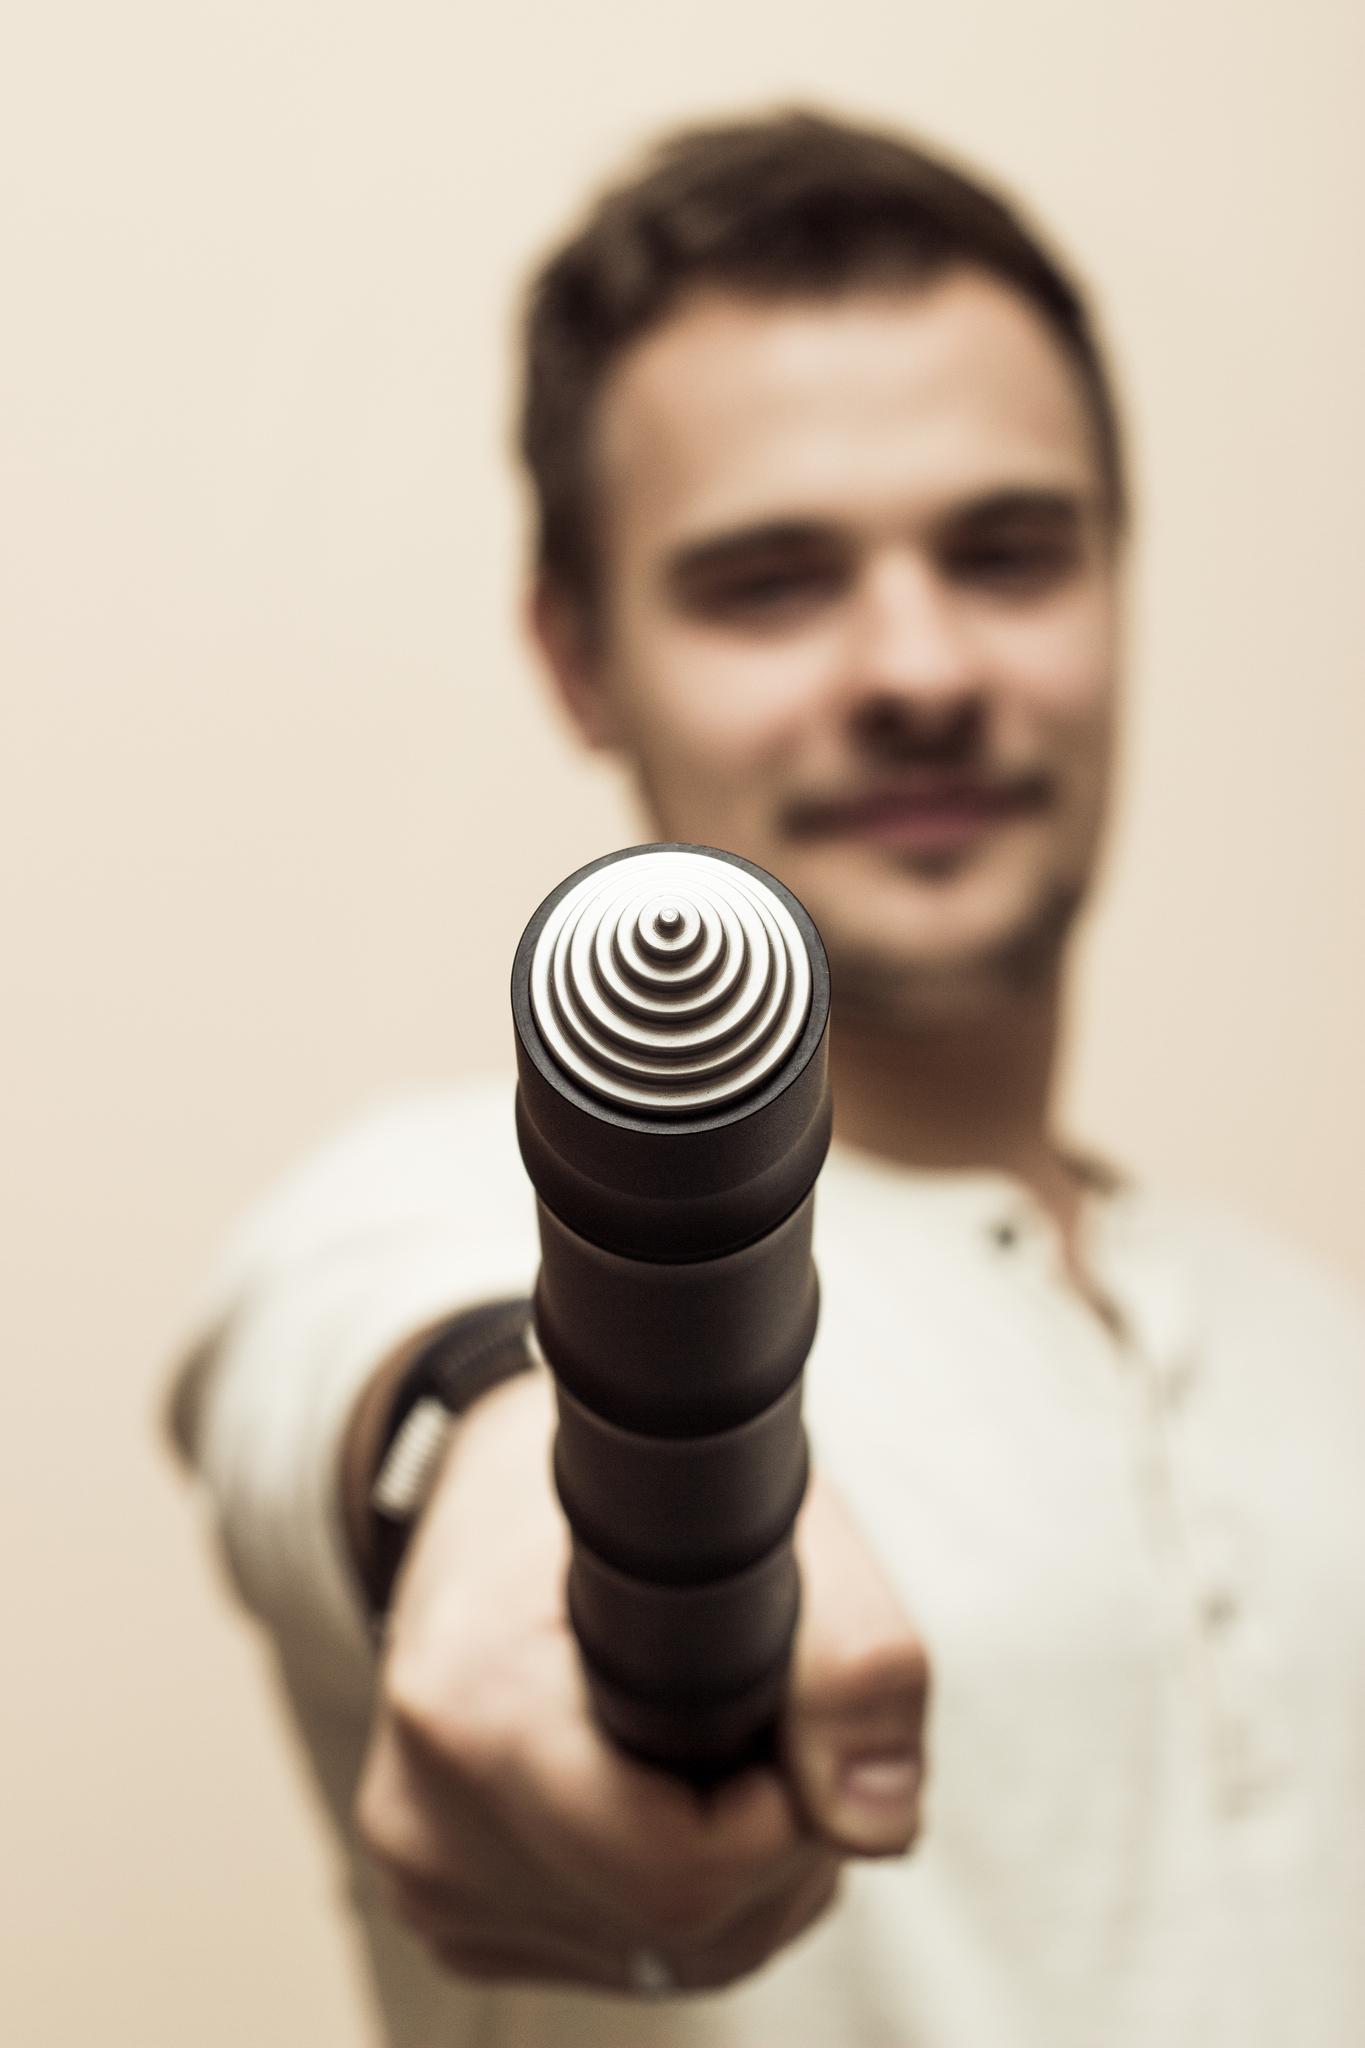 Фото 3 - Нож дубинка скрытого ношения Бамбук от Steelclaw